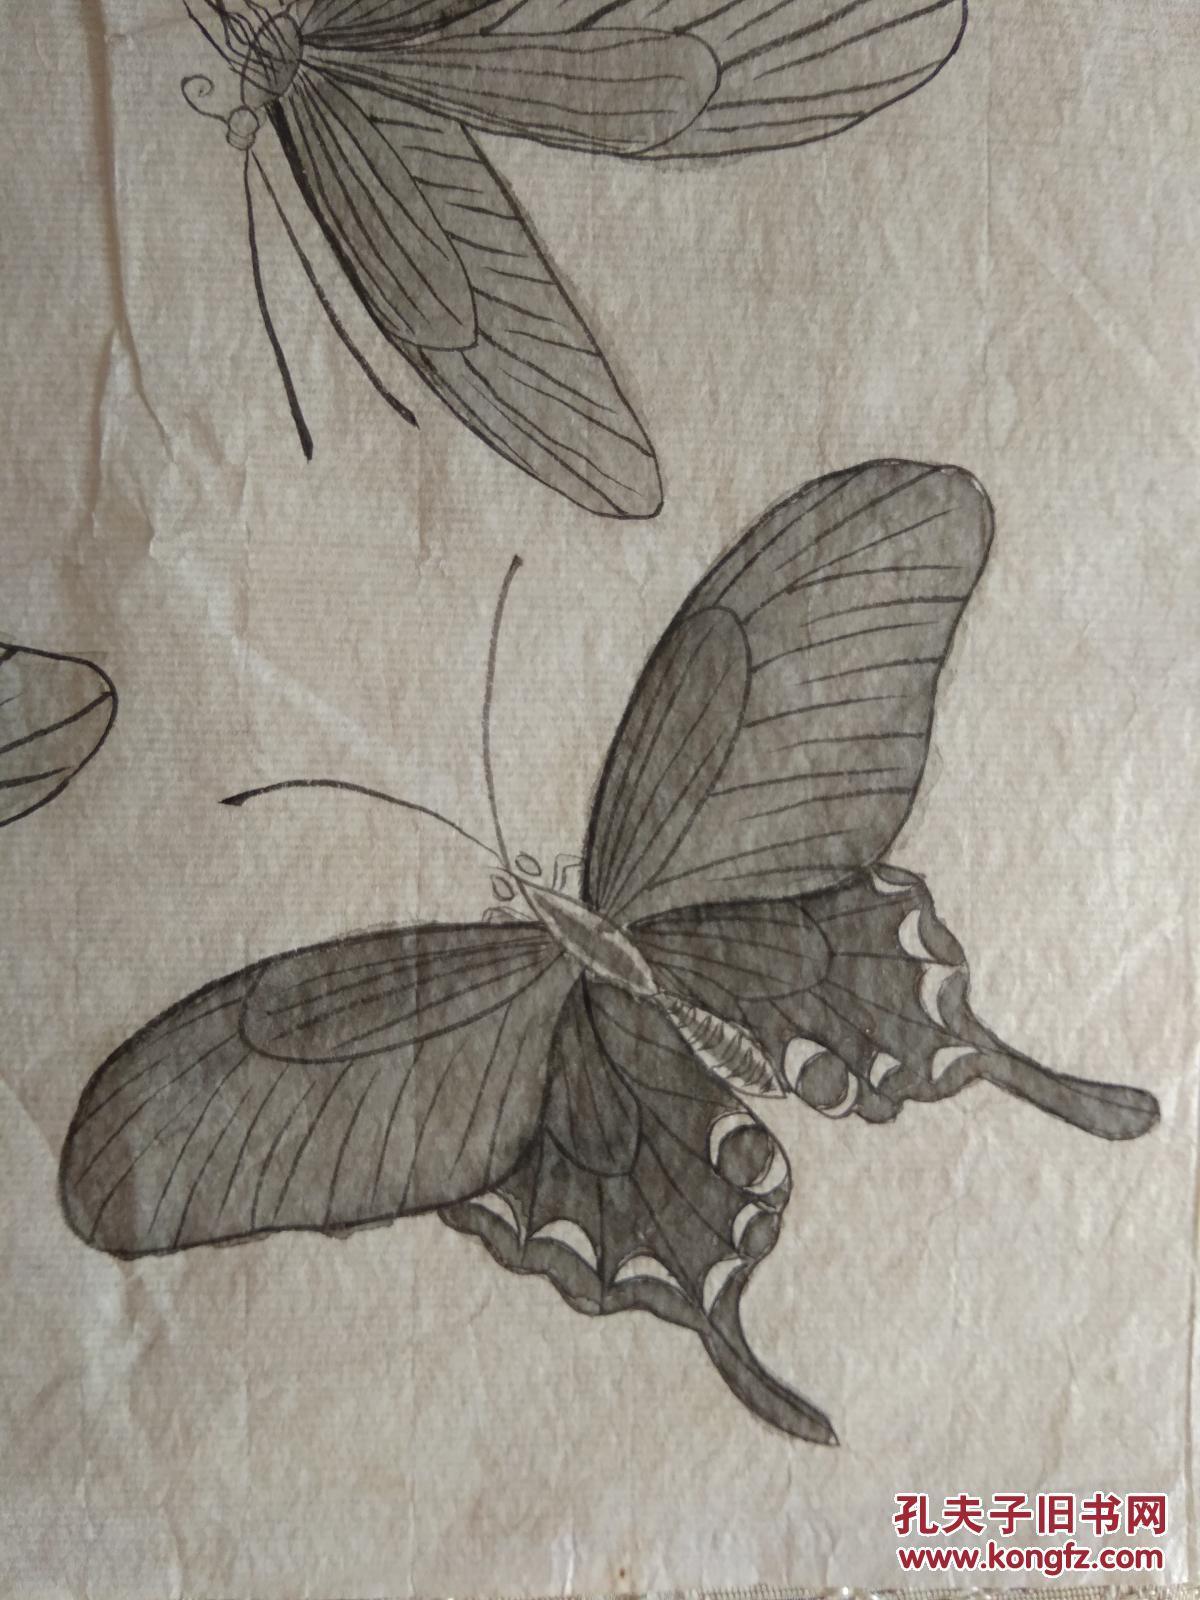 工笔画 (蝴蝶)